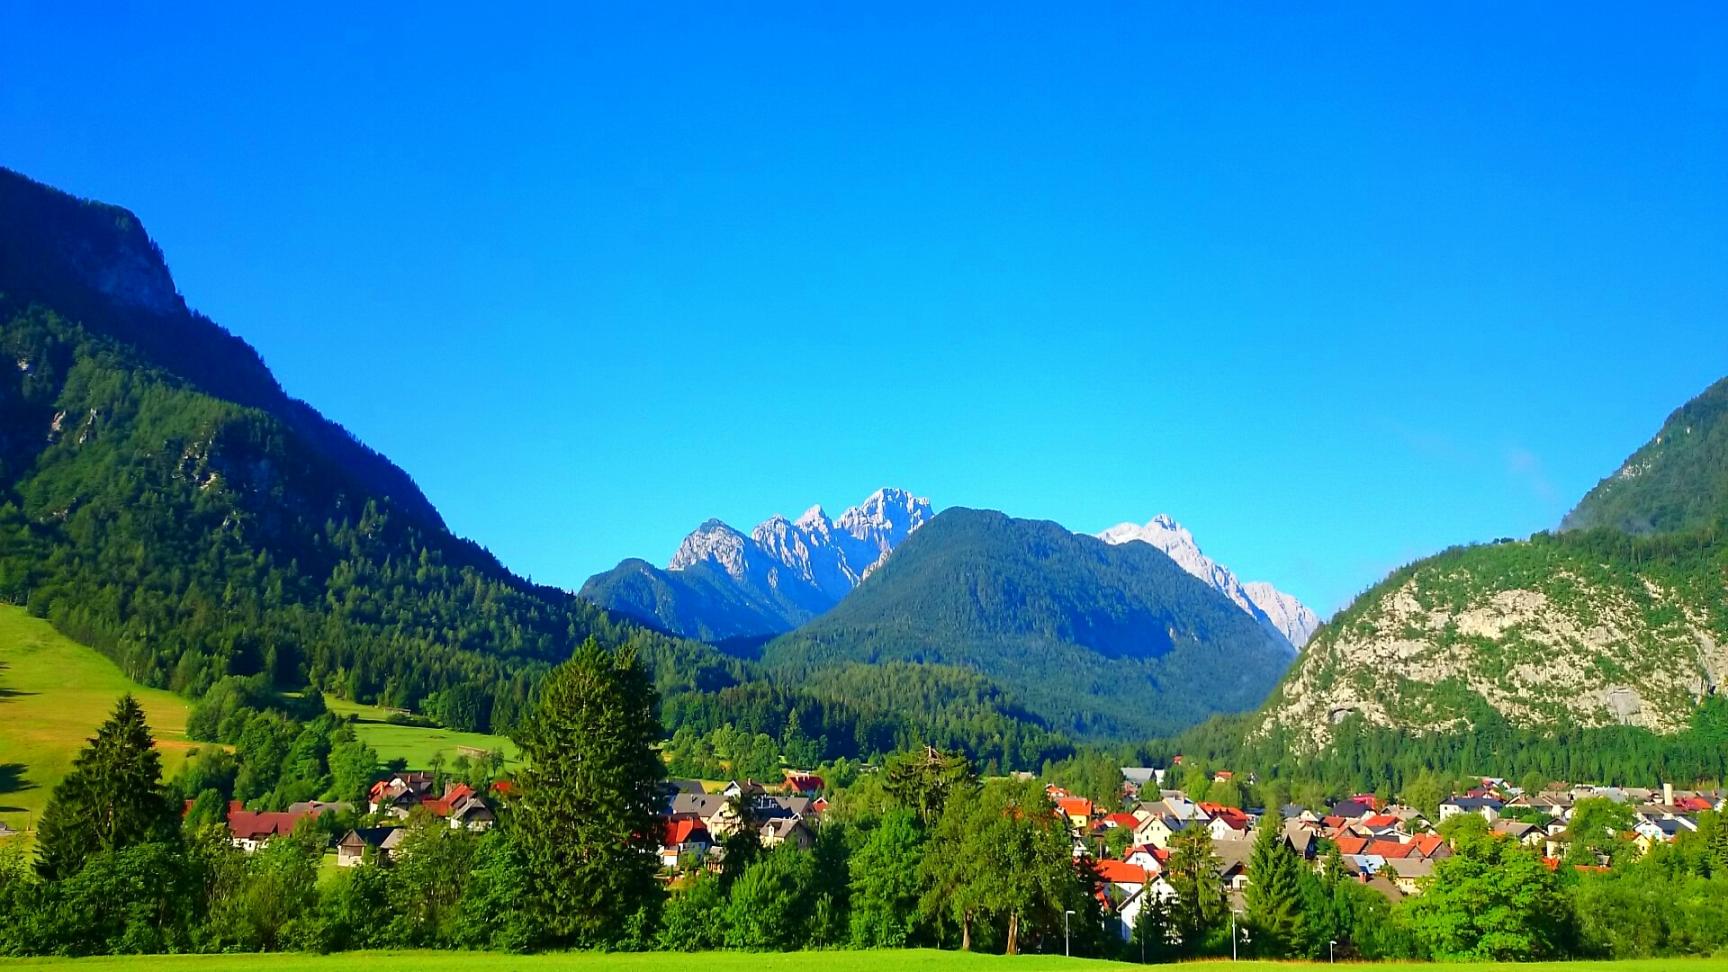 6月23日出発「スロヴェニア&クロアチア・ハイキングと世界遺産ドブロヴニク 10日間」